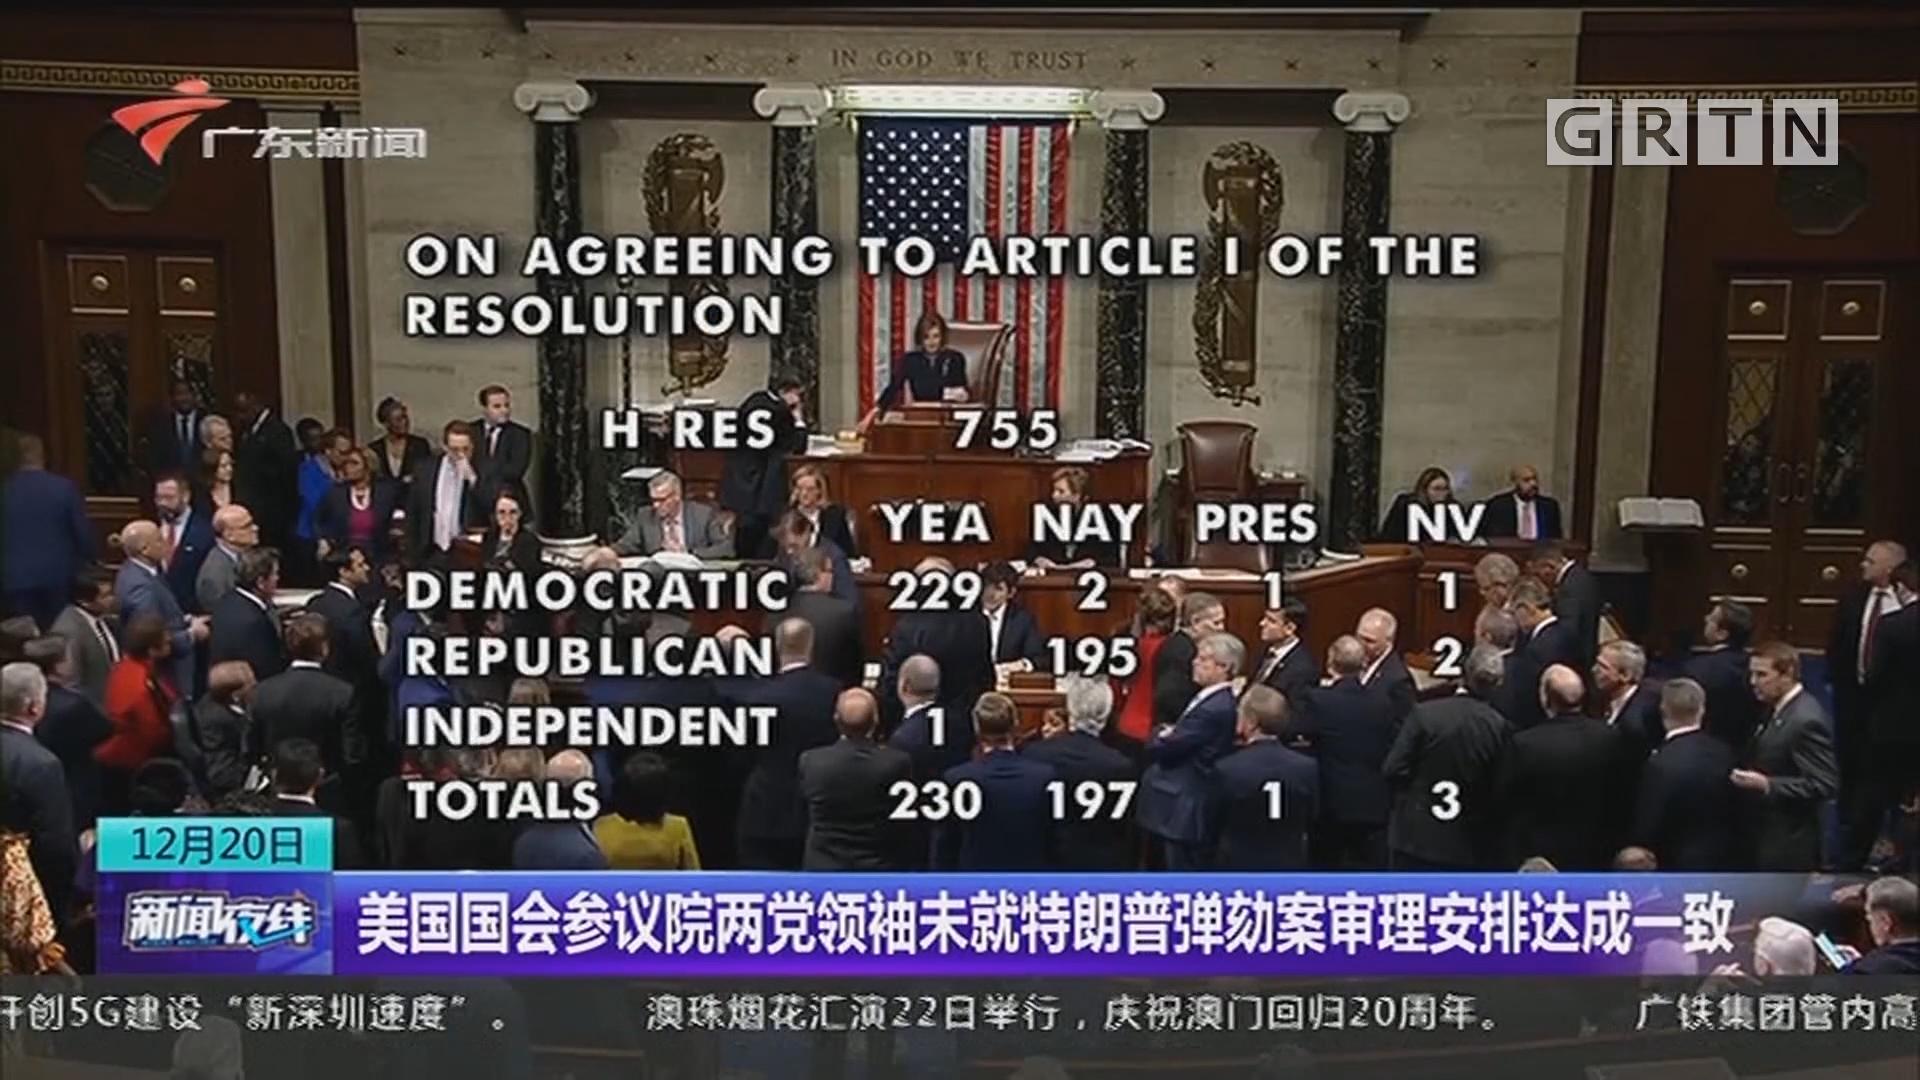 美国国会参议院两党领袖未就特朗普弹劾案审理安排达成一致